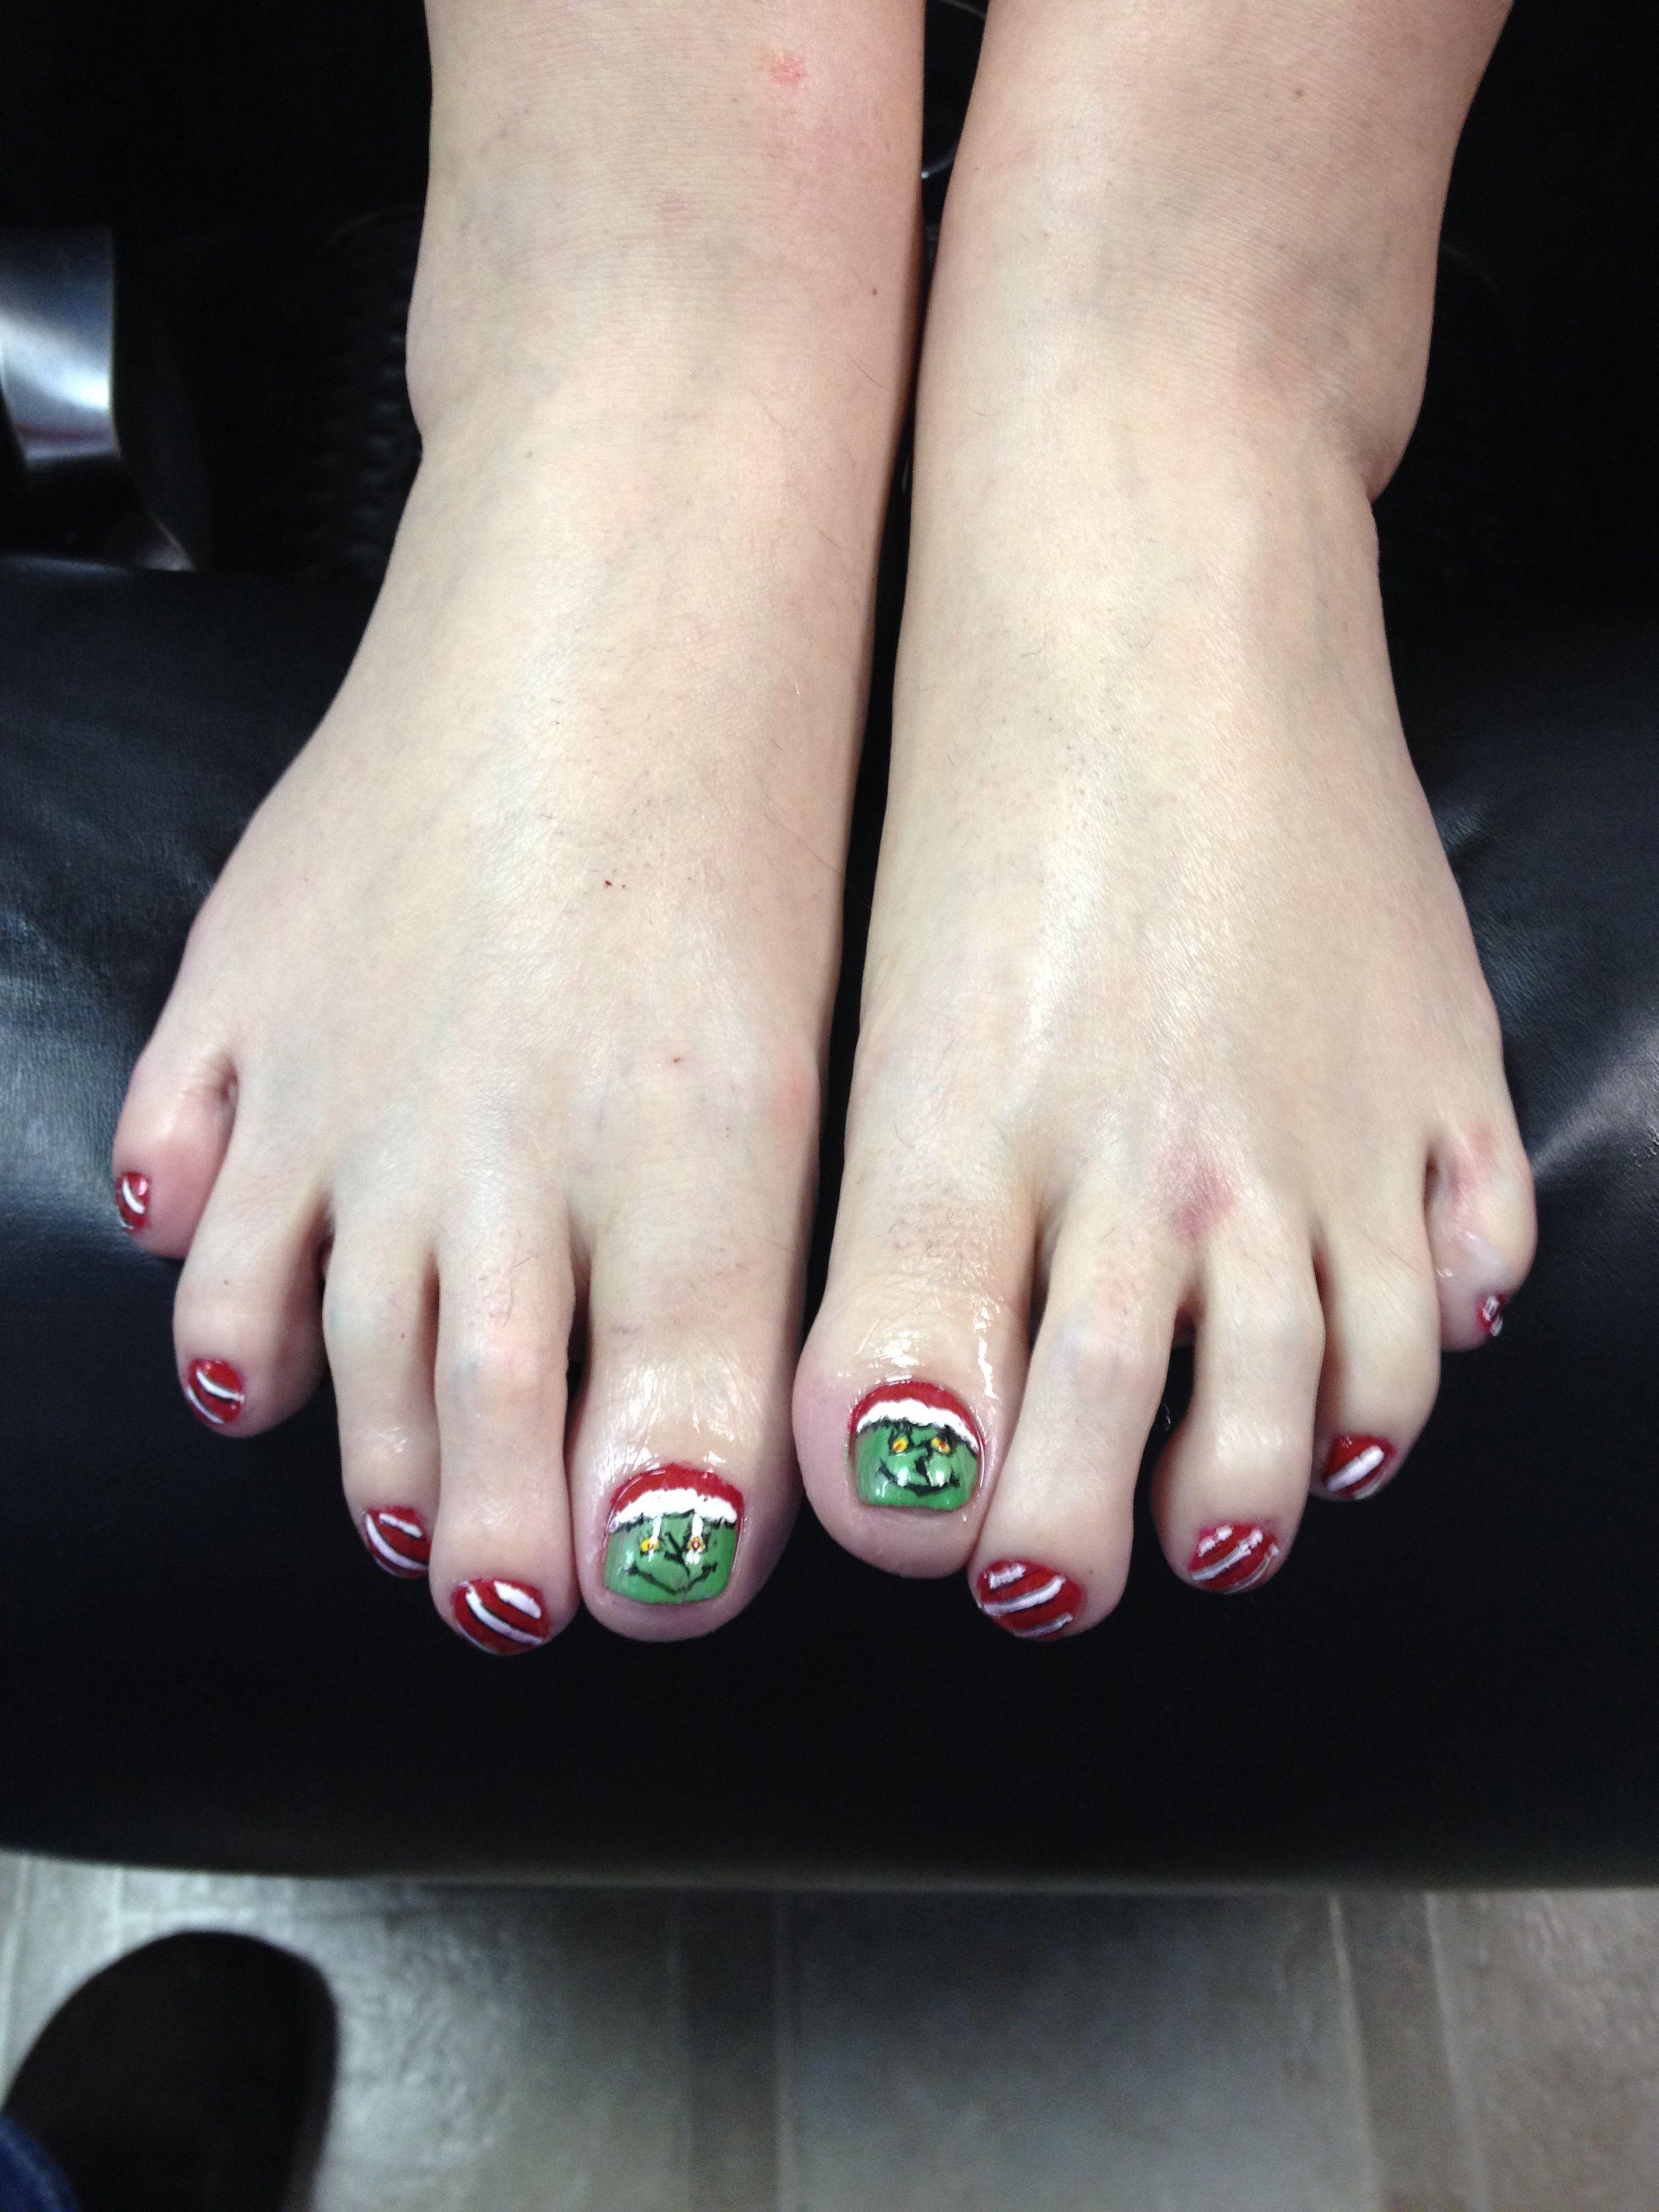 grinch toes | My portfolio | Pinterest | Grinch